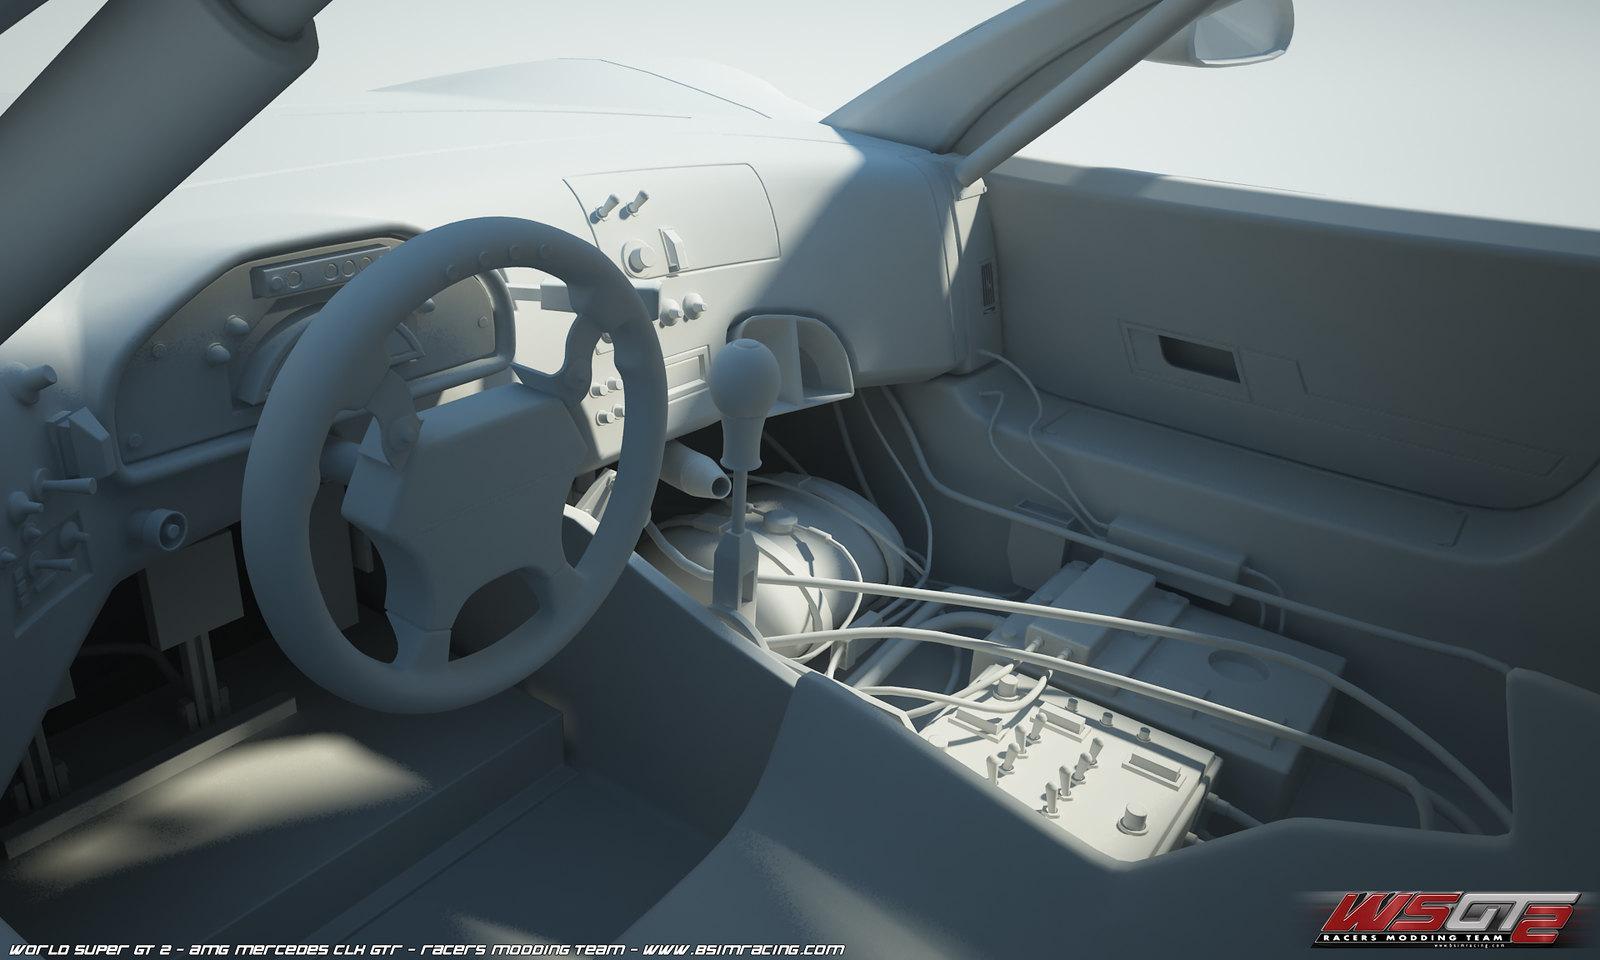 clkgtr_cockpit_clay_19poz0